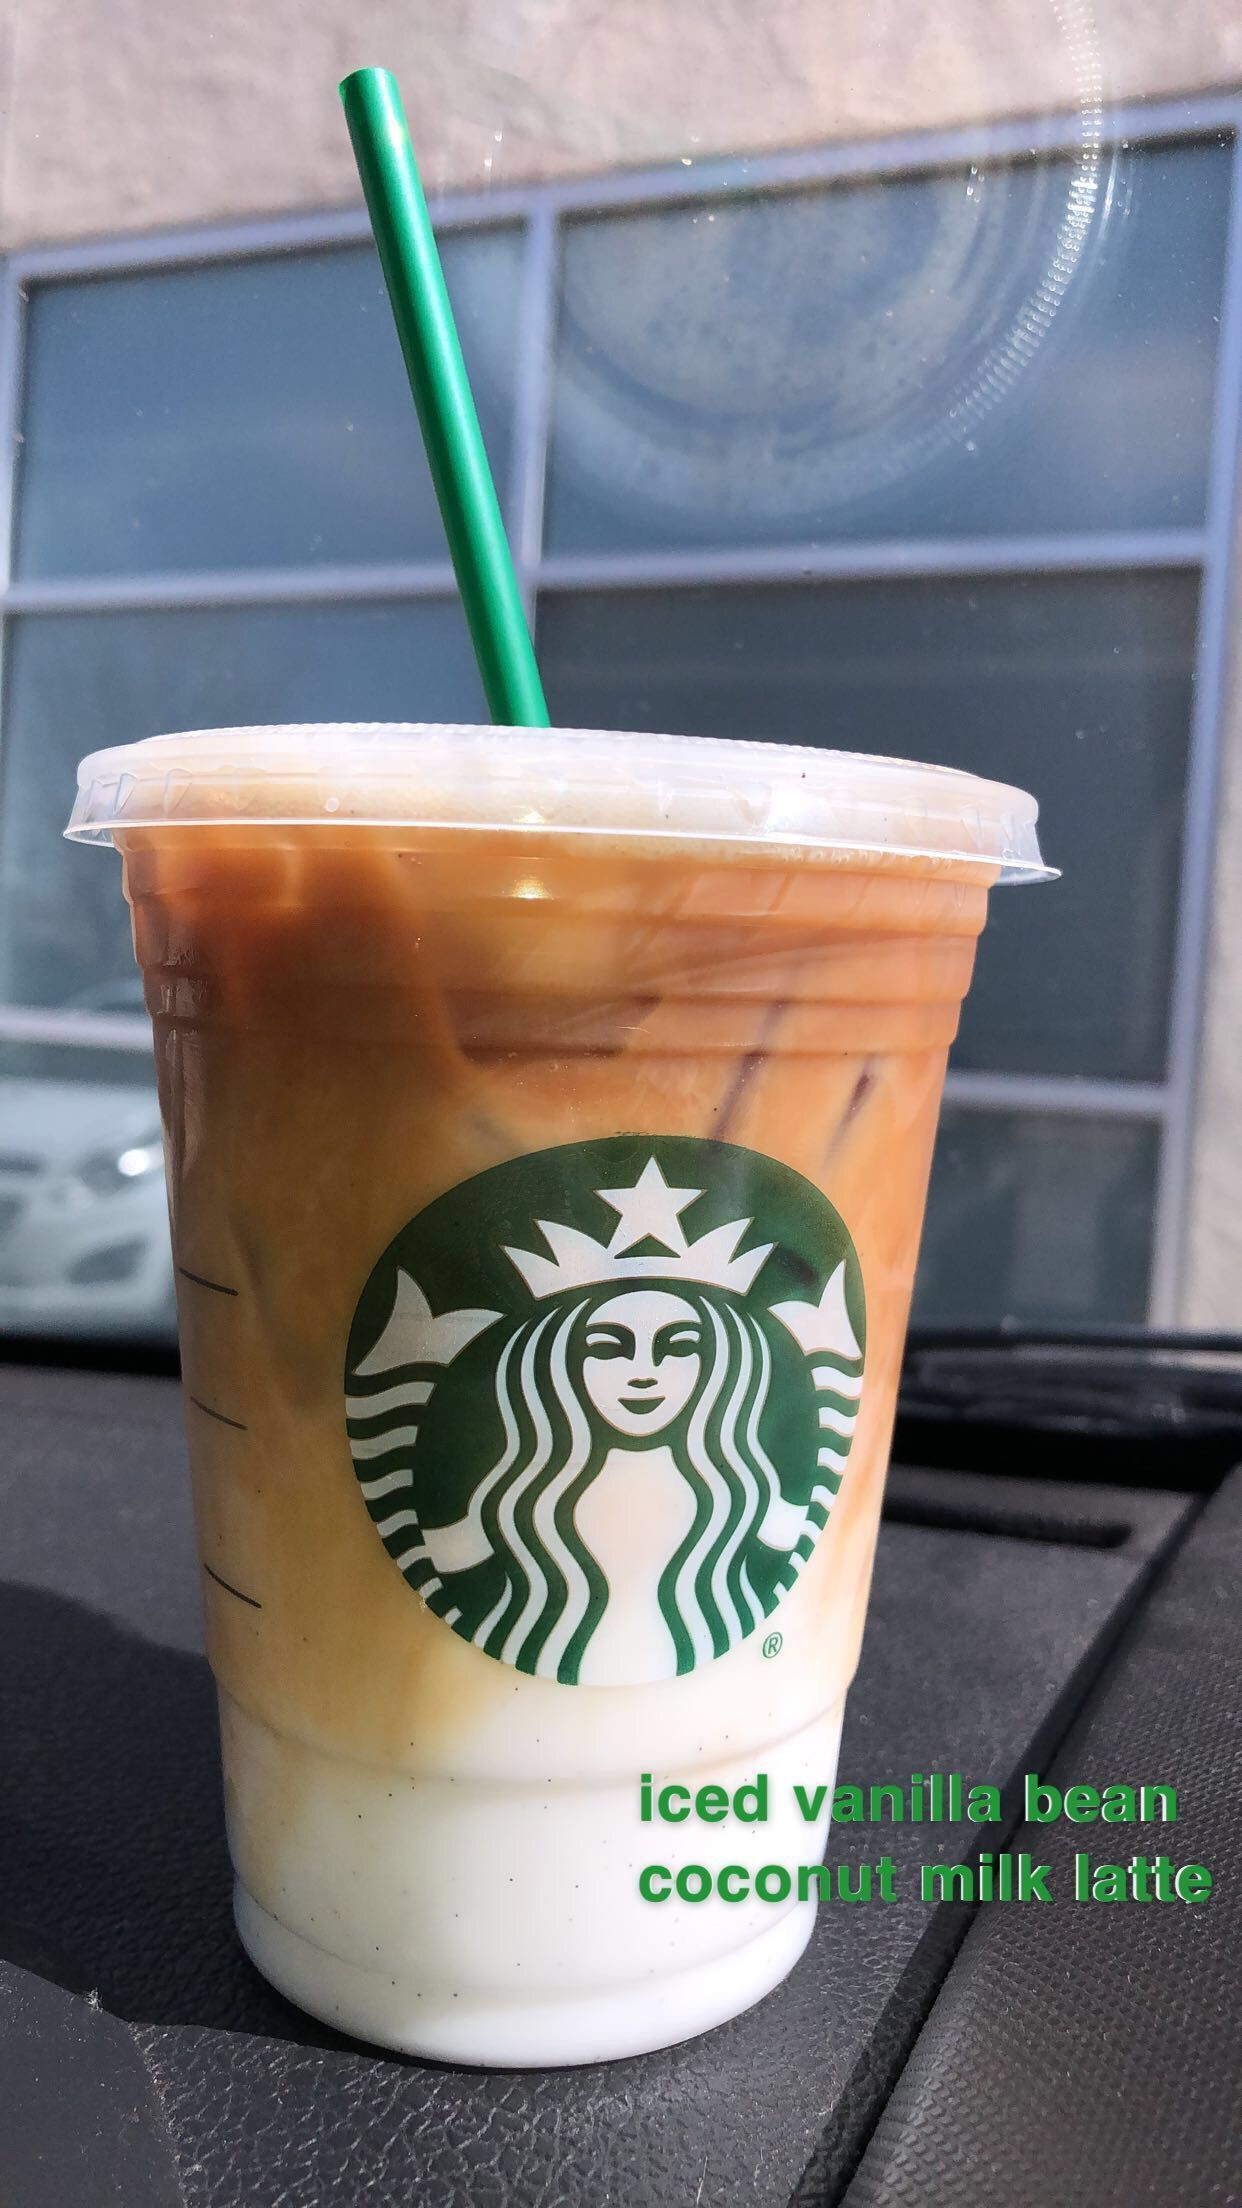 Starbucks Drink Ketofrappucinostarbucks Grande Iced Vanilla Bean Coconut Milk L In 2020 Starbucks Drinks Recipes Coffee Recipes Starbucks Healthy Starbucks Drinks